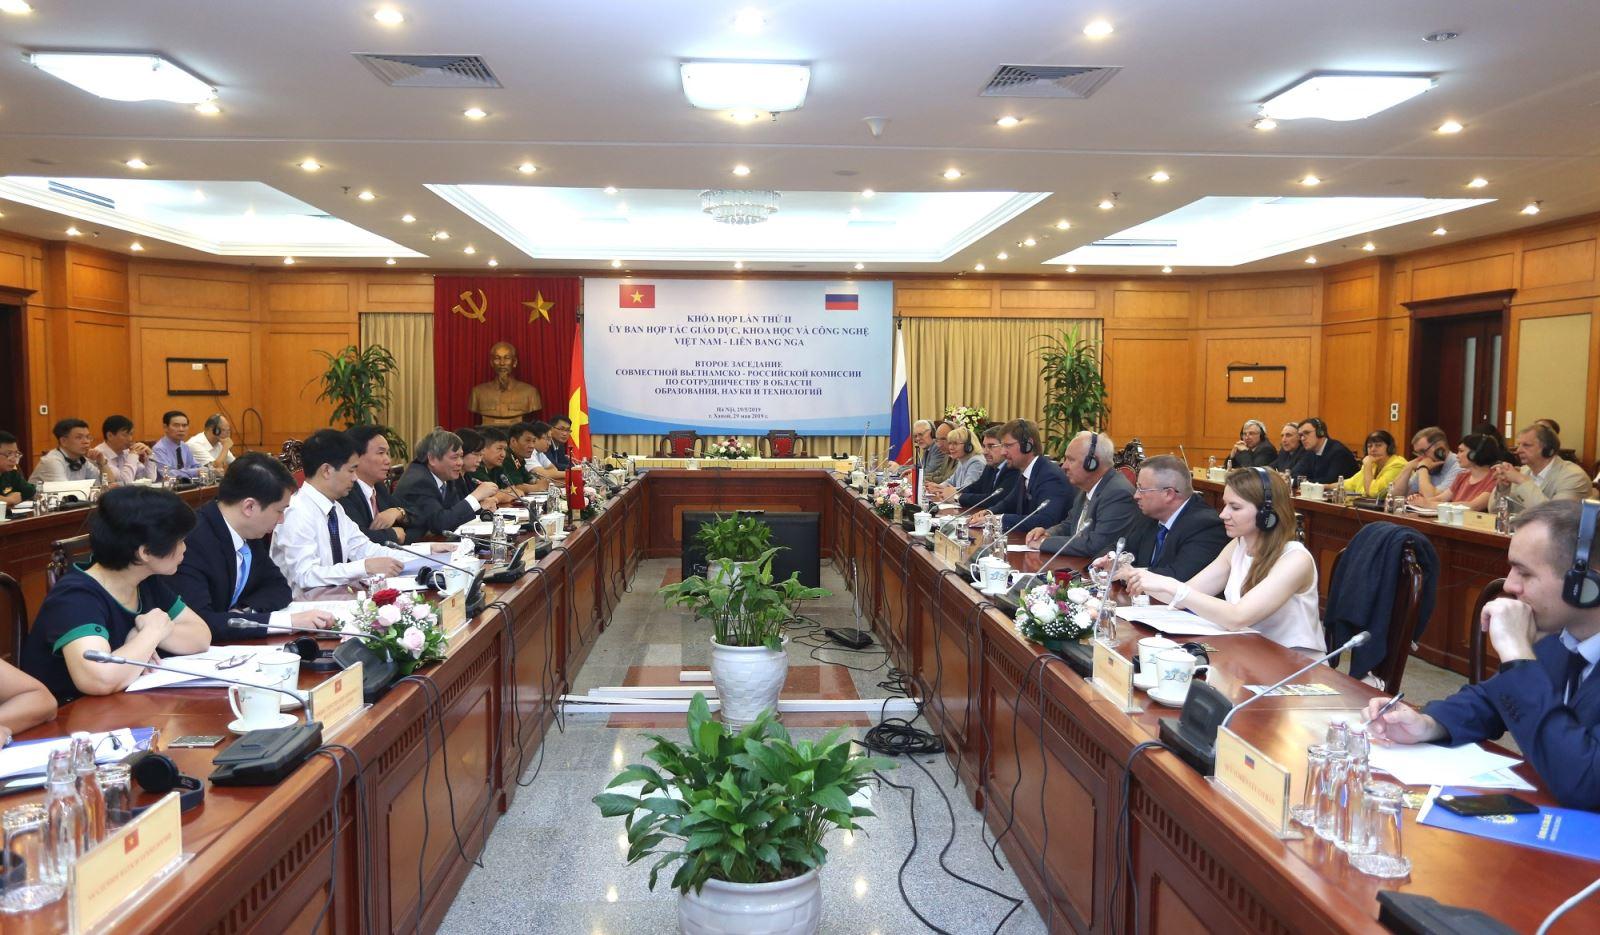 Thứ trưởng Phạm Công Tạc và Ngài Medvedev Aleksei Mikhailovich chủ trì Khóa họp. Ảnh: Vụ Hợp tác quốc tế